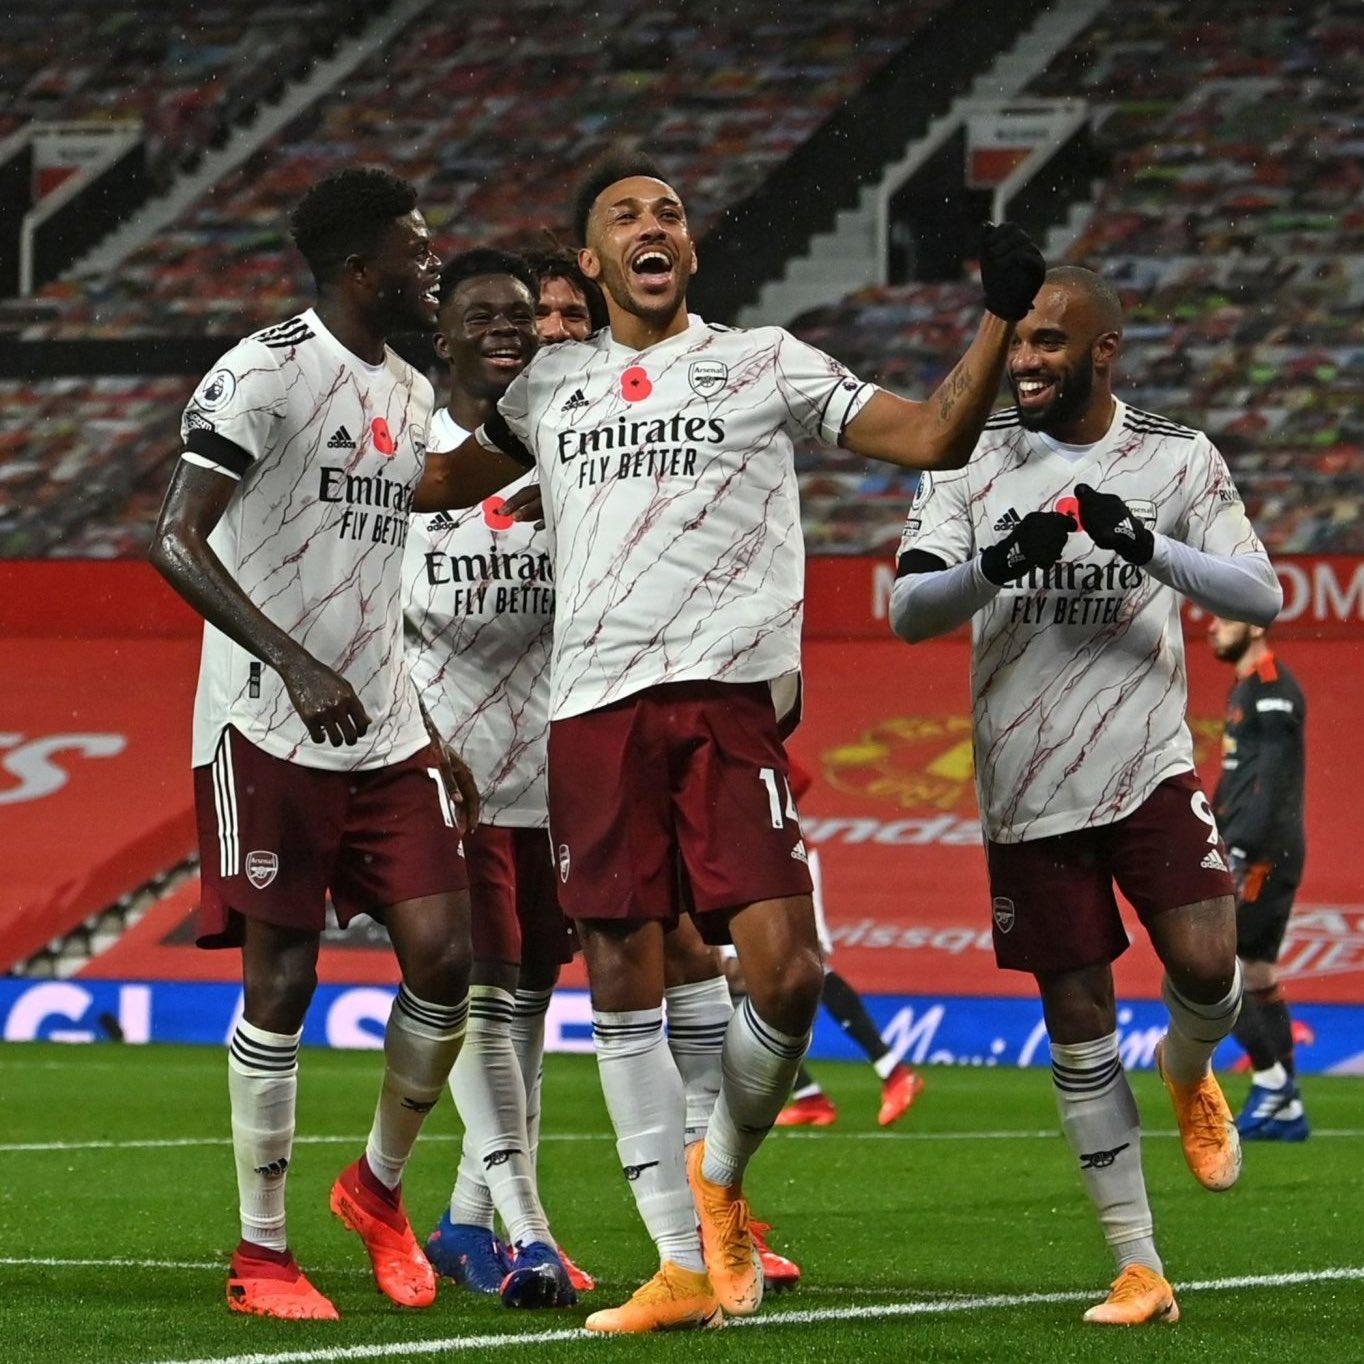 Arsenal sorprende a Manchester United en Old Trafford con un tanto de Pierre-Emerick Aubameyang